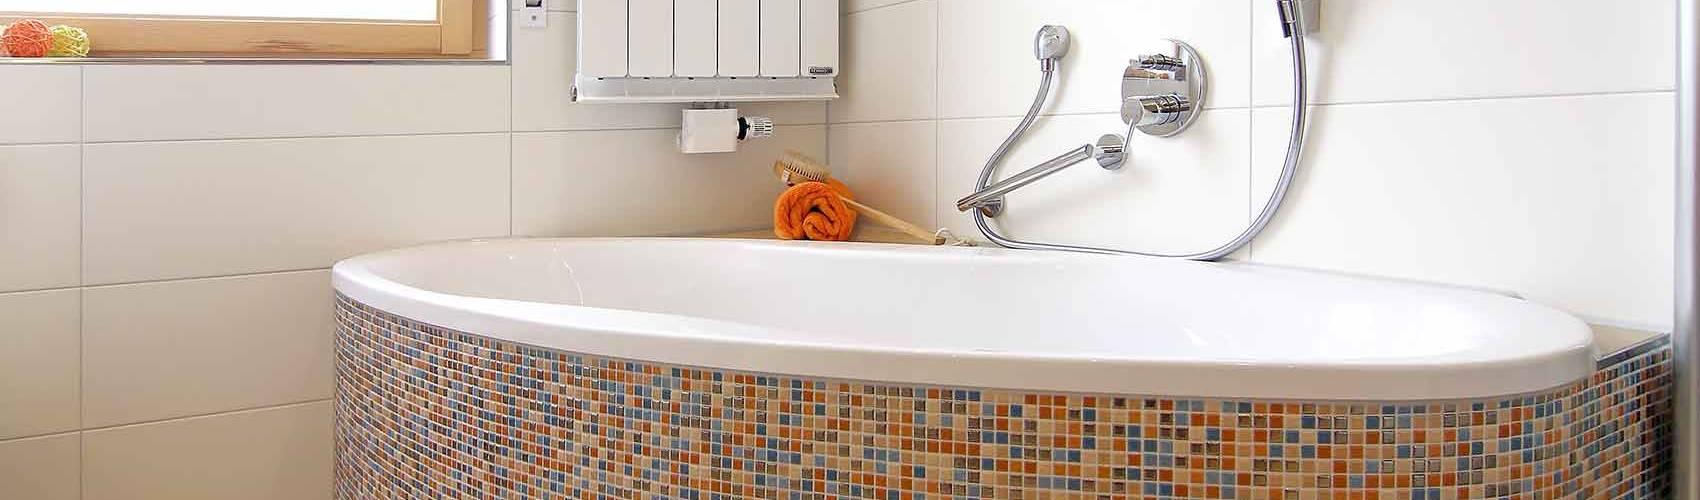 f r meeresliebhaber bodengleiche walk in dusche mit integriertem aquarium hans schramm gmbh. Black Bedroom Furniture Sets. Home Design Ideas